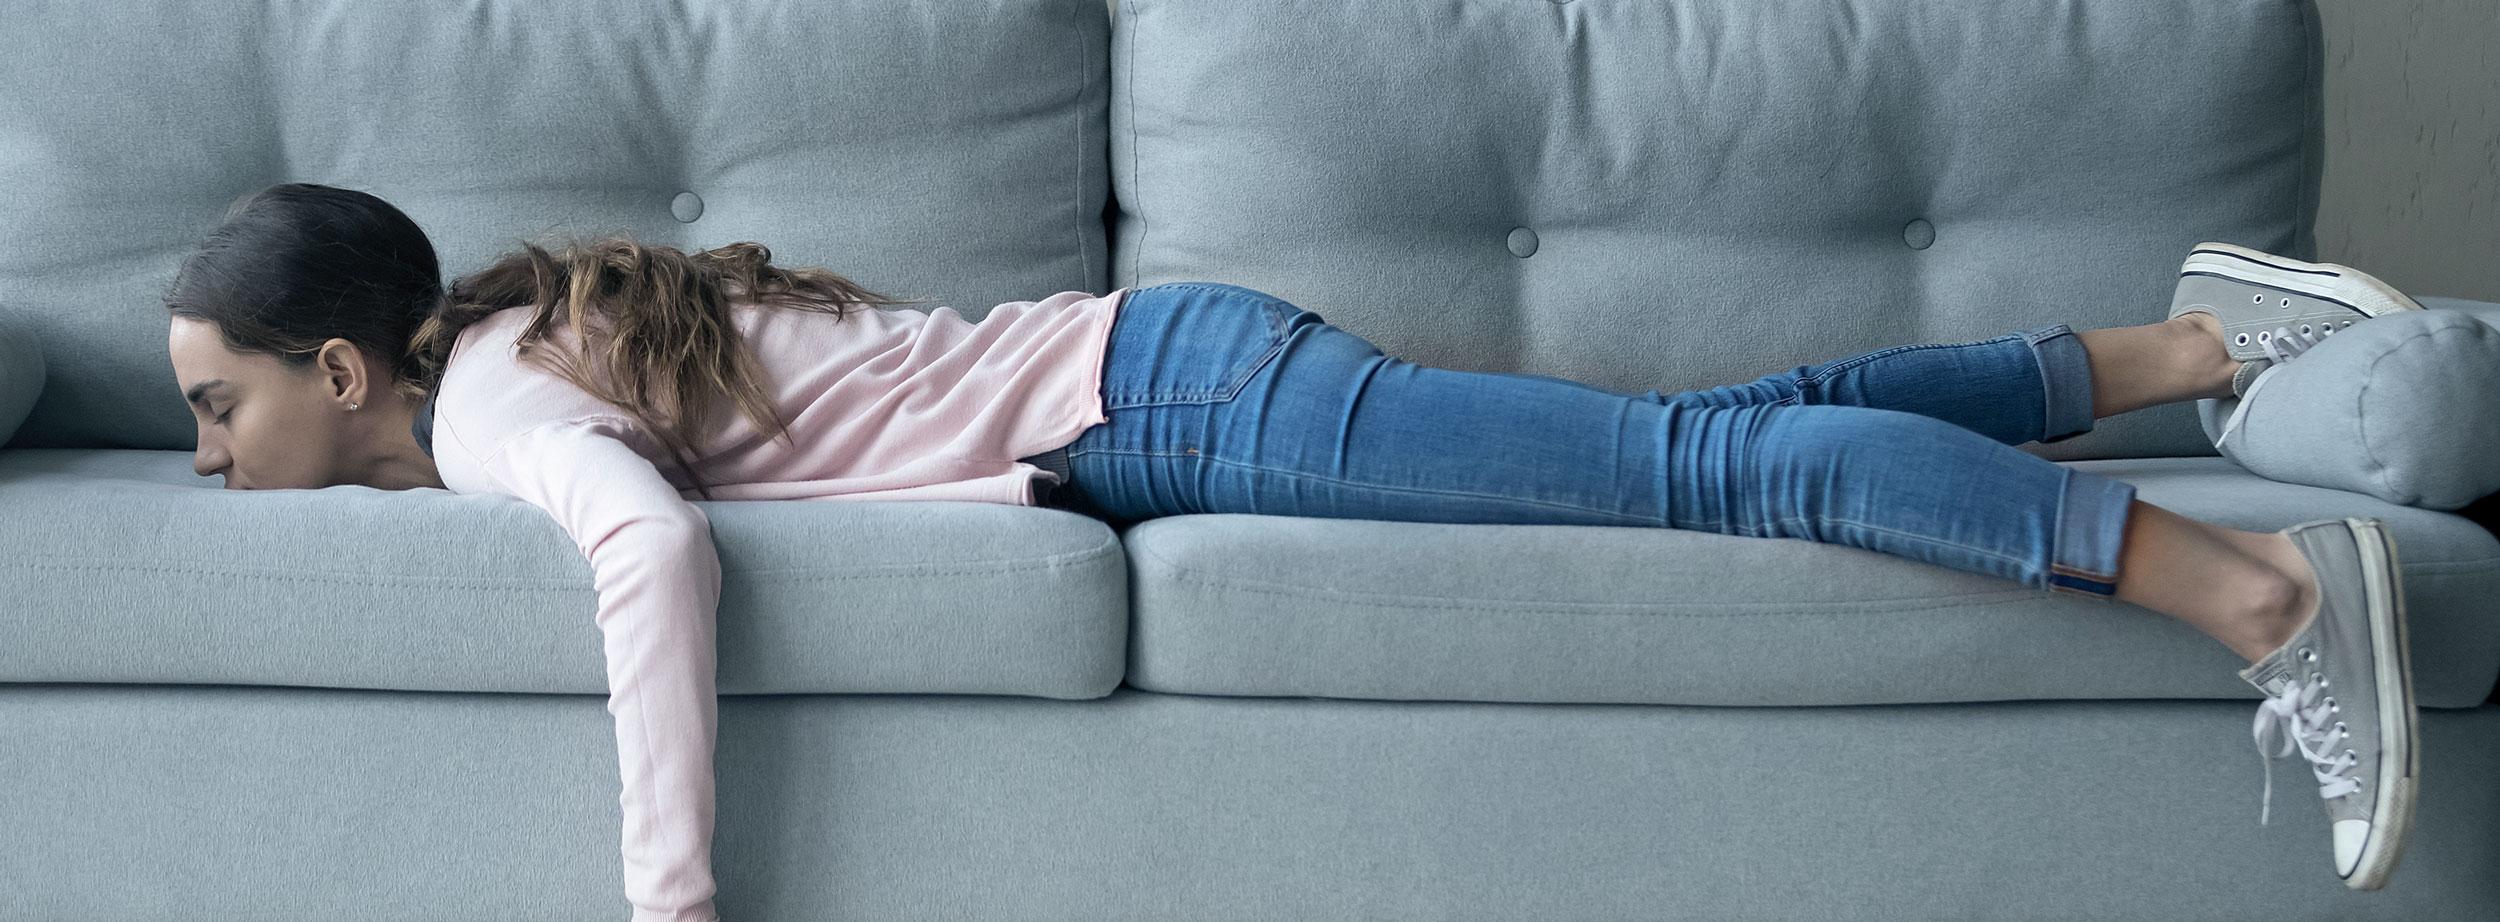 Frau liegt resigniert auf dem Sofa und leidet unter Aufschieberitis